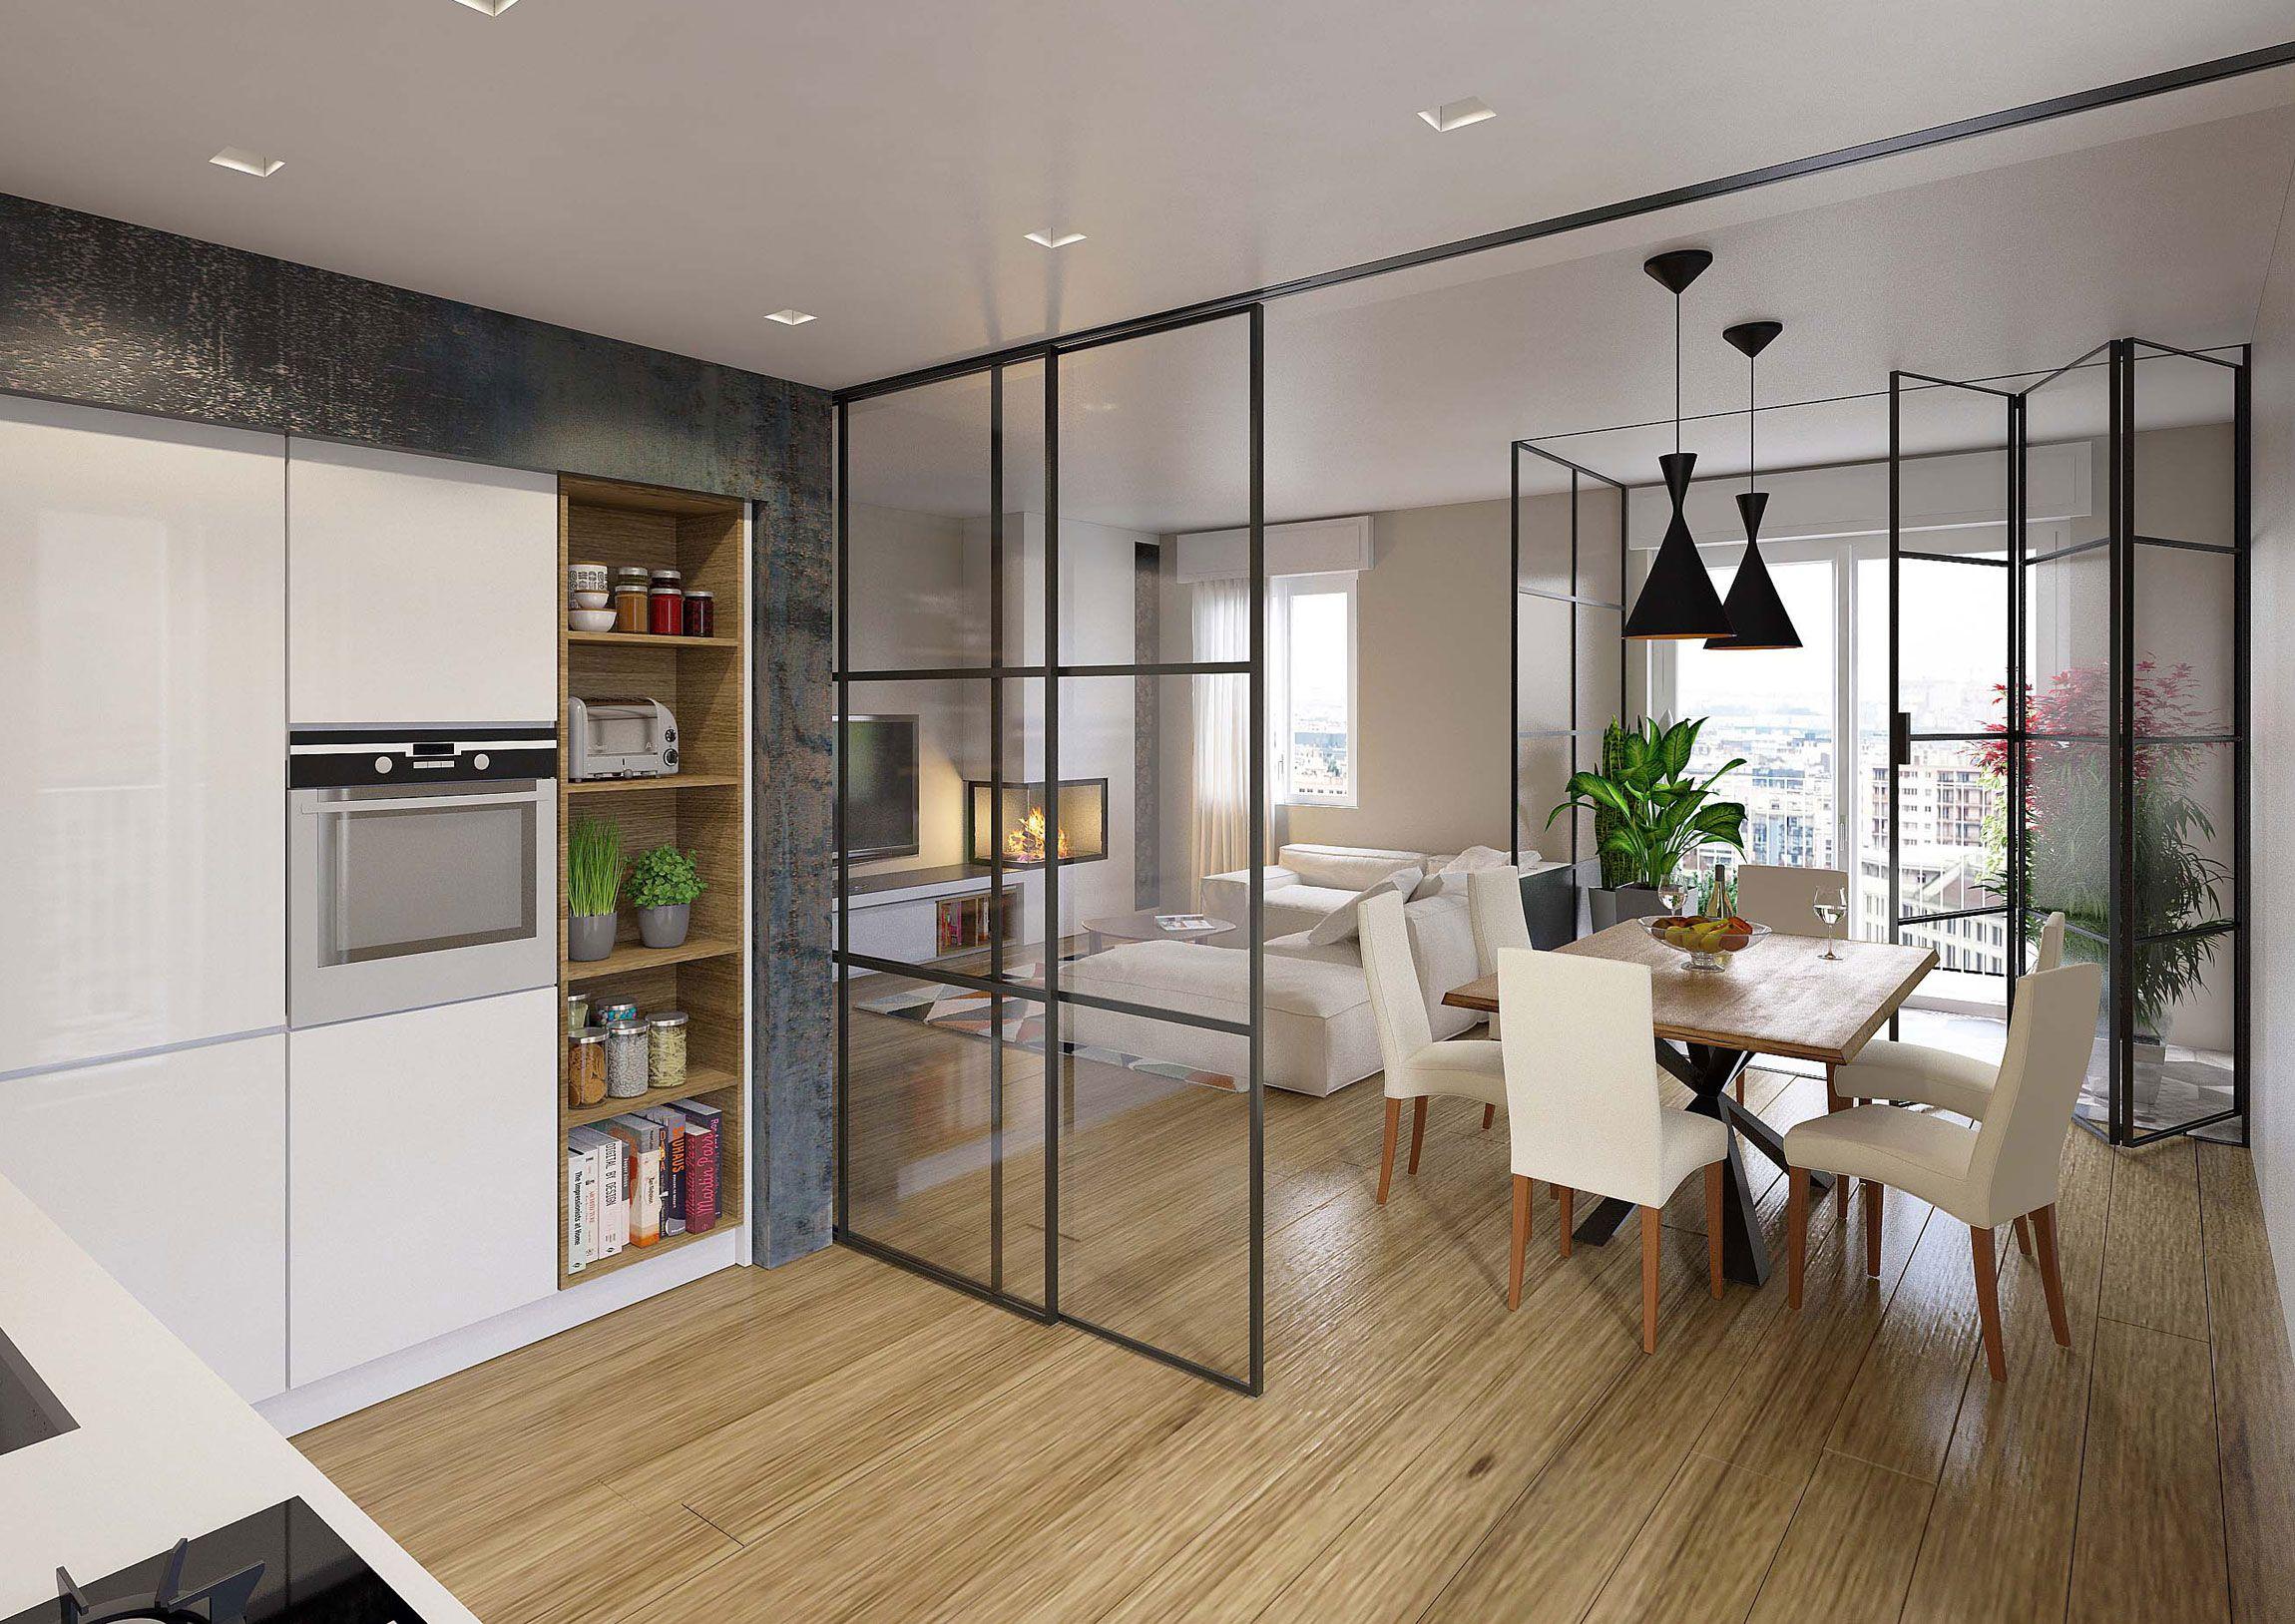 Progetto di arkedile e realizzato da ferro for Arredo cucina design